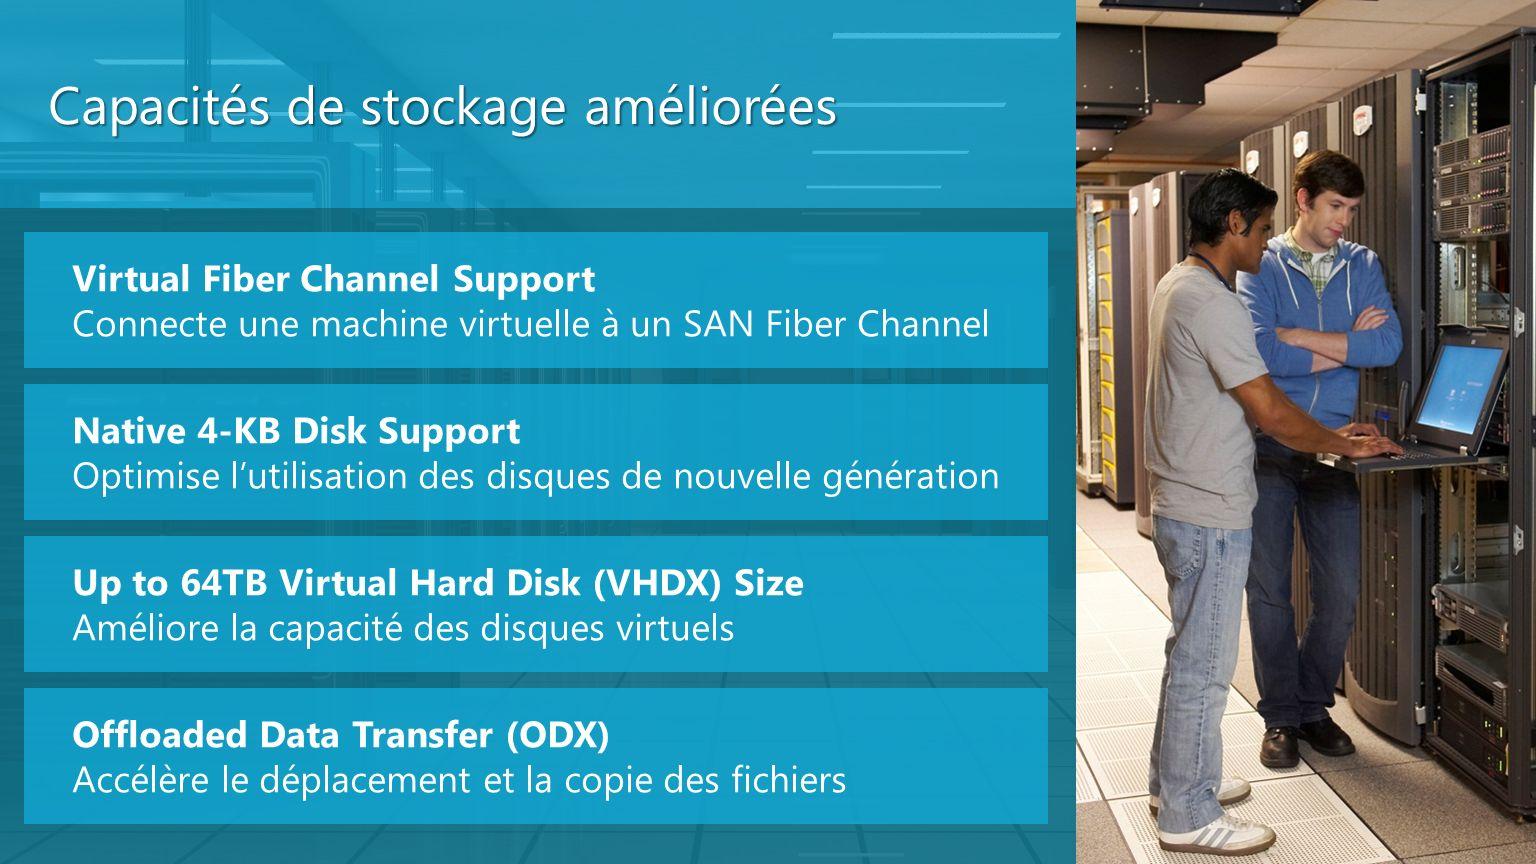 Capacités de stockage améliorées Virtual Fiber Channel Support Connecte une machine virtuelle à un SAN Fiber Channel Native 4-KB Disk Support Optimise